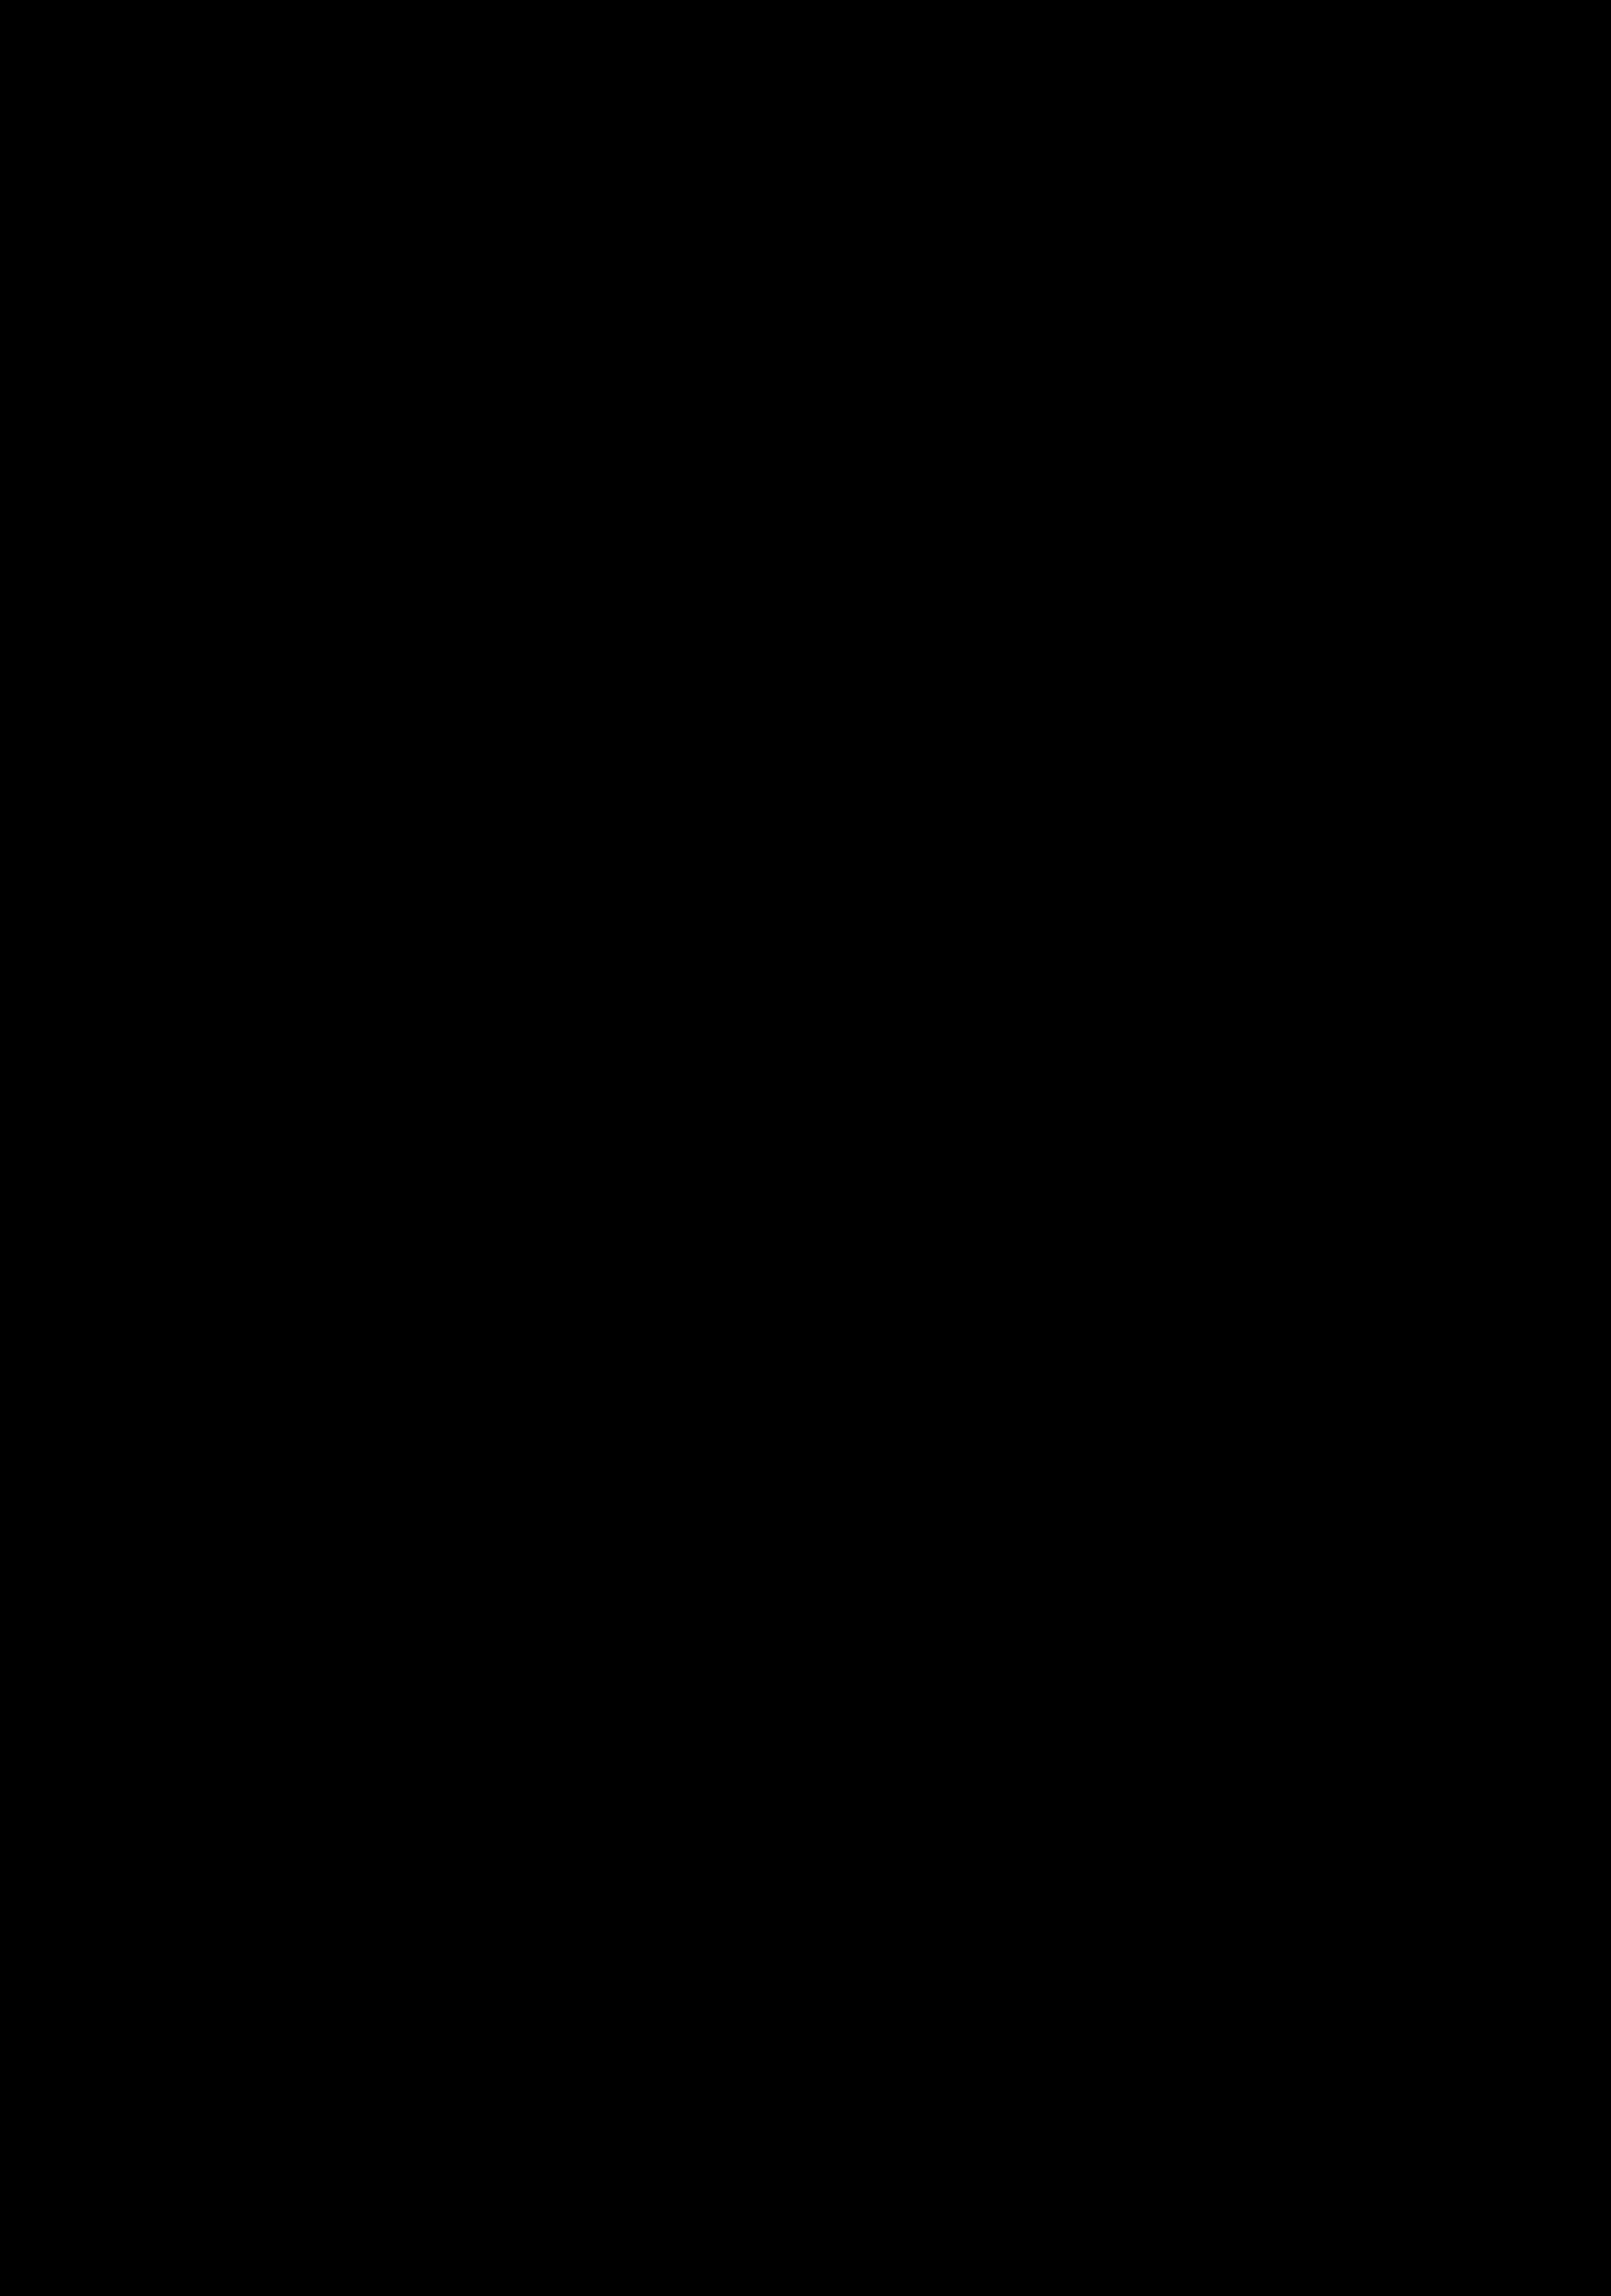 Image of Gymnocarpium x intermedium